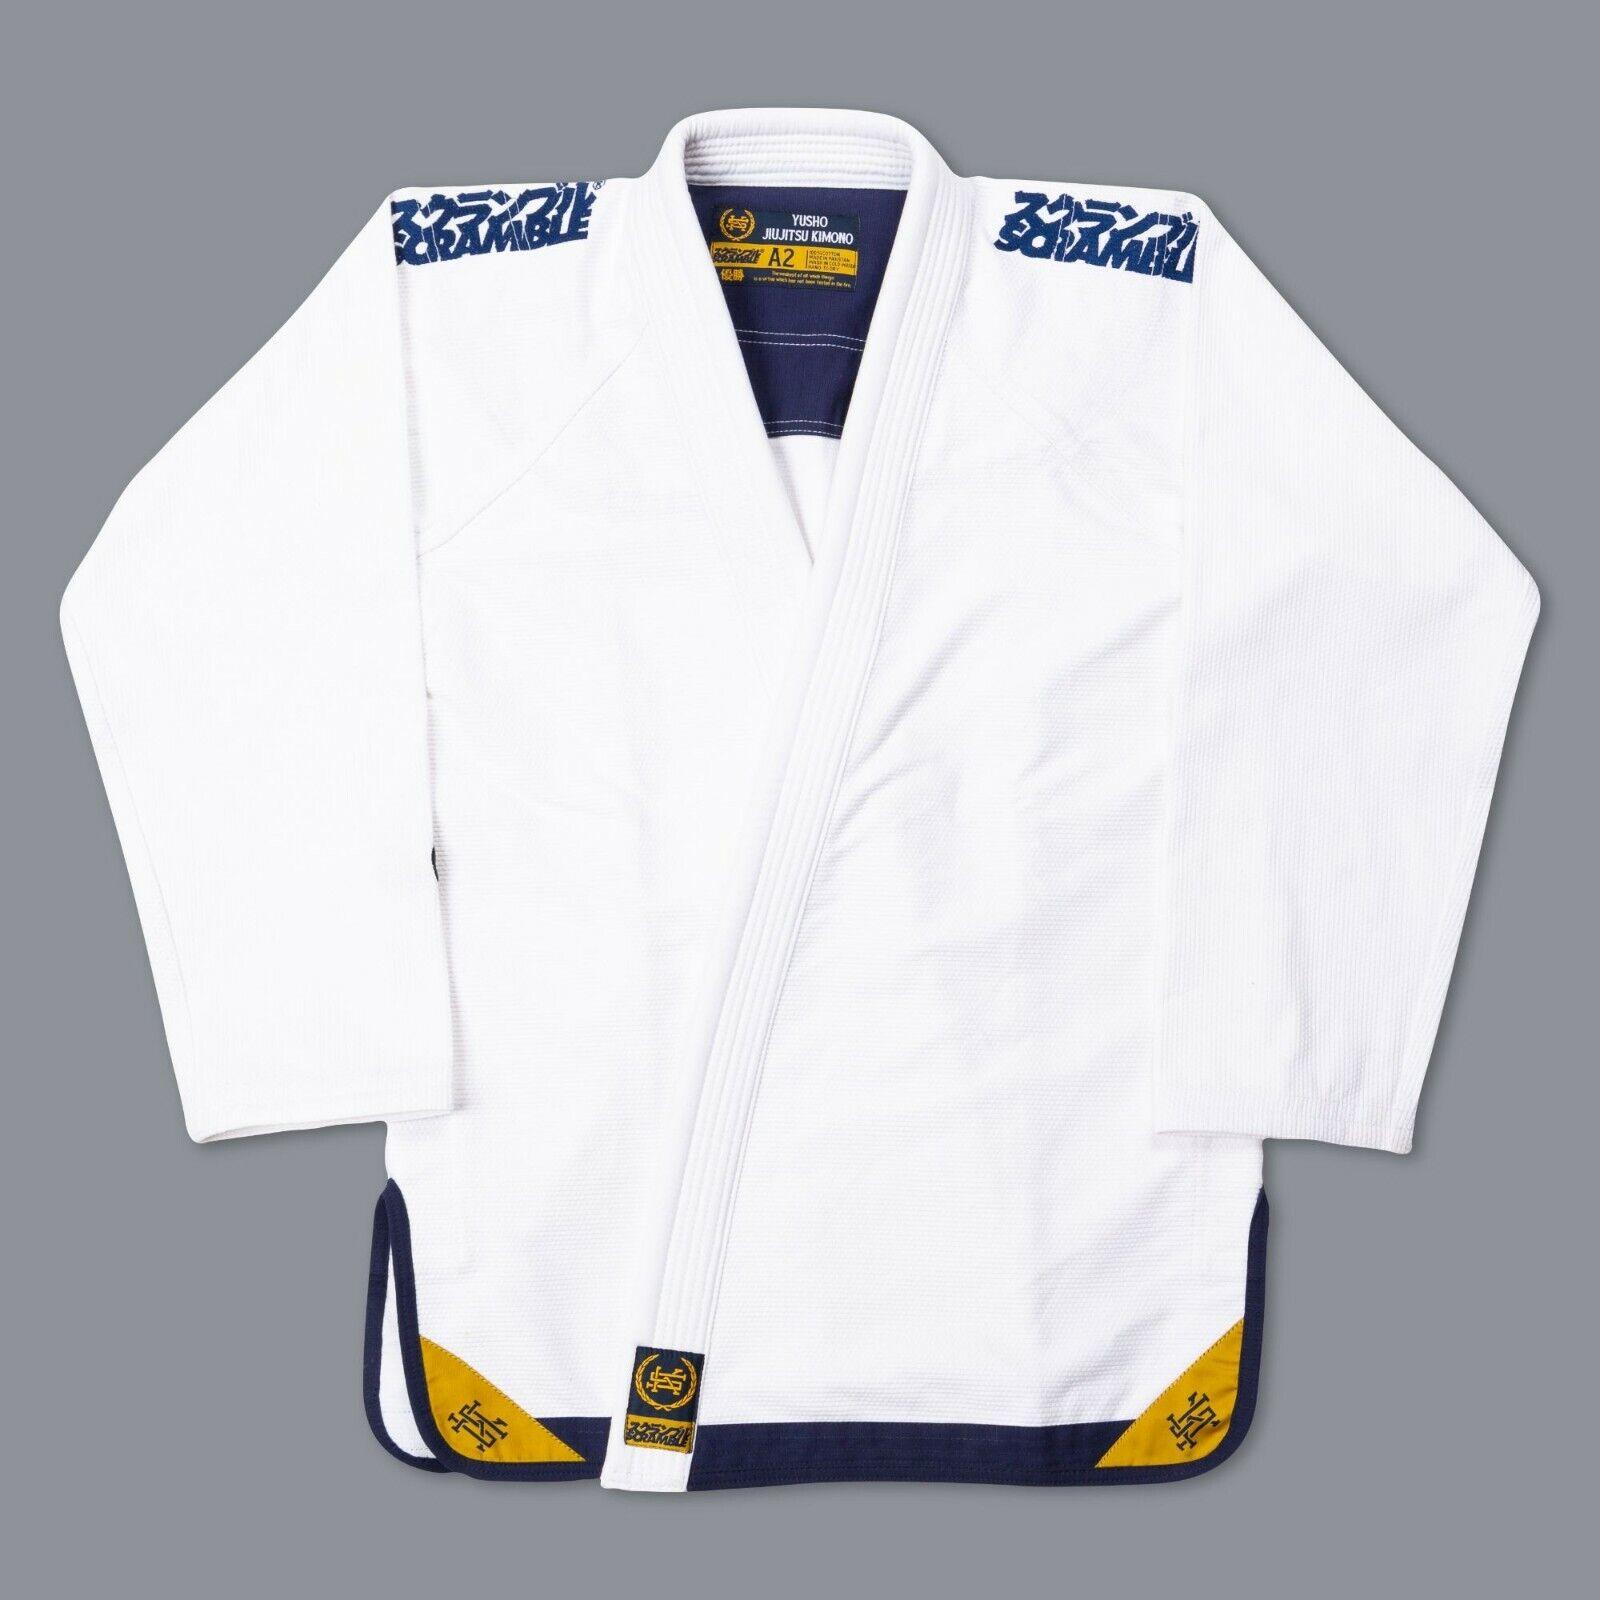 Scramble Yusho Bjj Gi Bianco Kimono Jiu Jiu Jiu Jitsu Brasiliano Uniforme Grappling b89